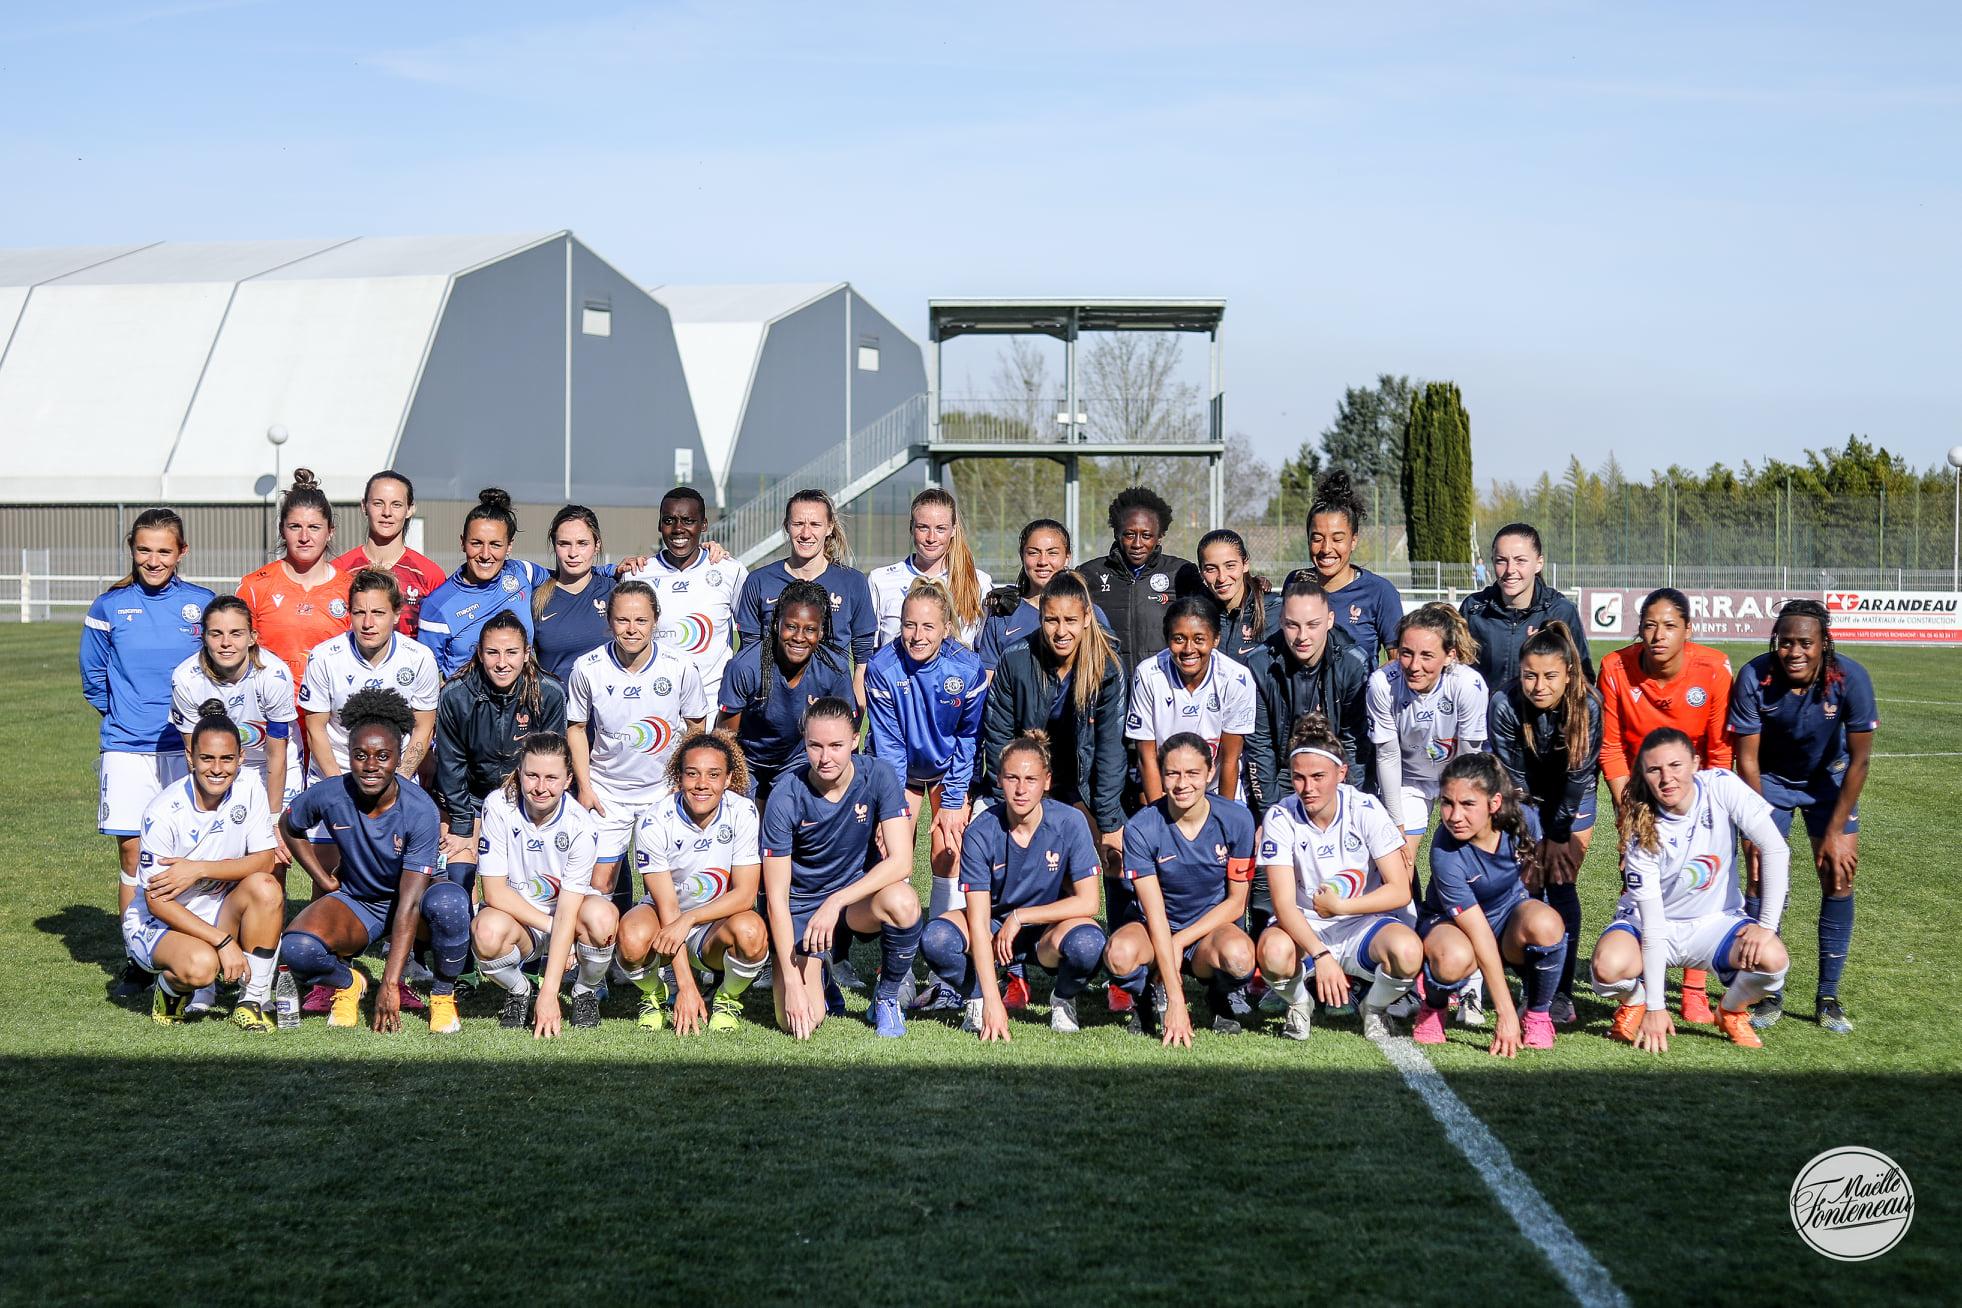 Les deux équipes après la rencontre (photo Maëlle Fonteneau/ASJ Soyaux Charente)